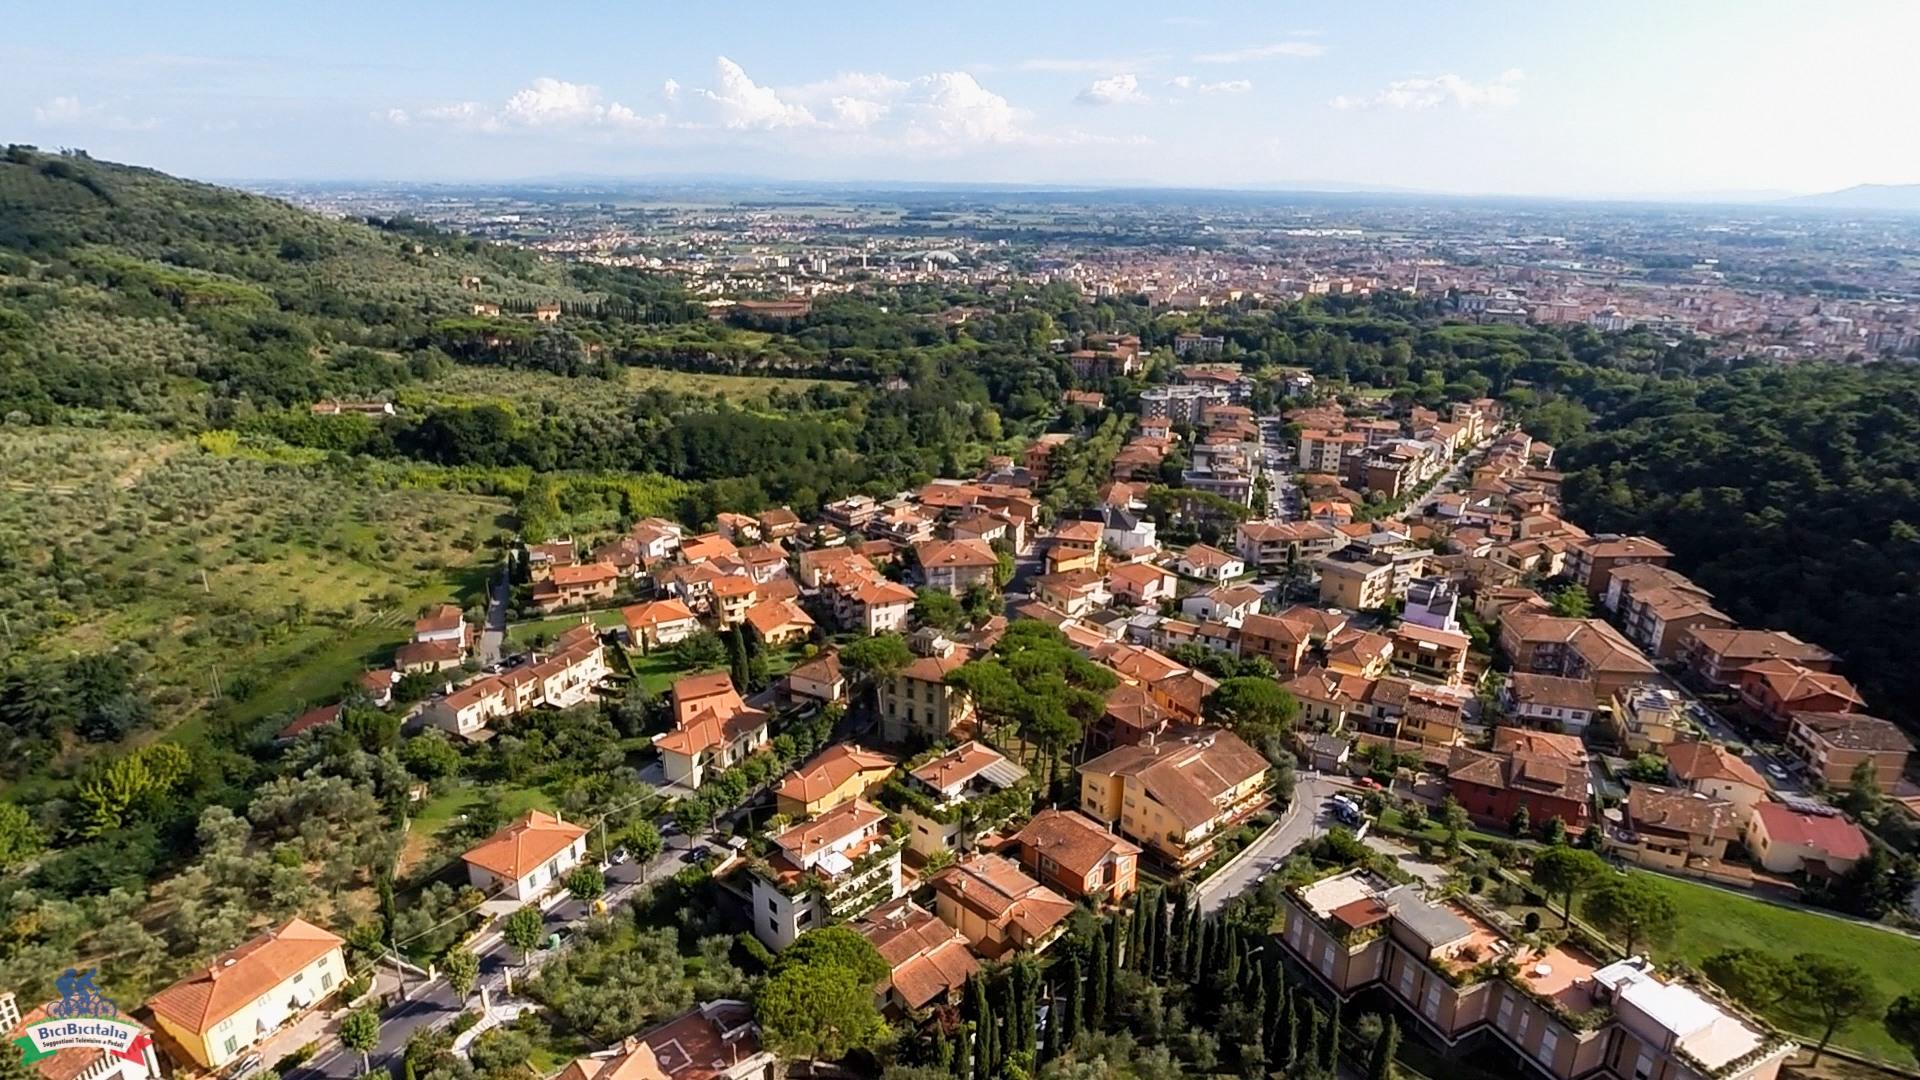 Тосканский город Монтекатини-Терме